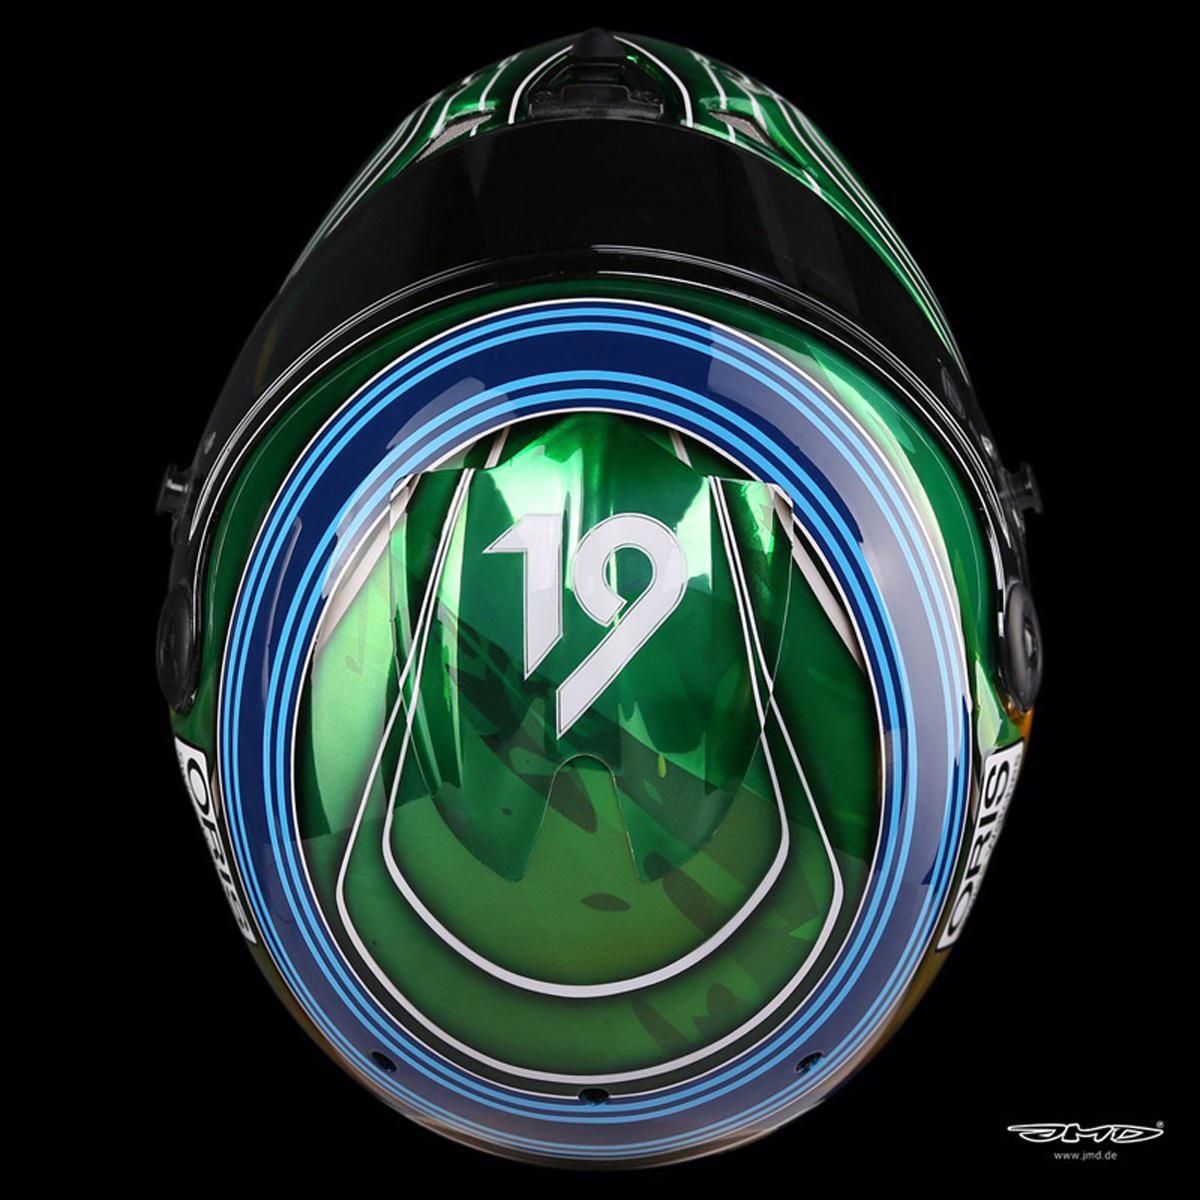 フェリペ・マッサ 2017年 F1アブダビGP ヘルメット(3)